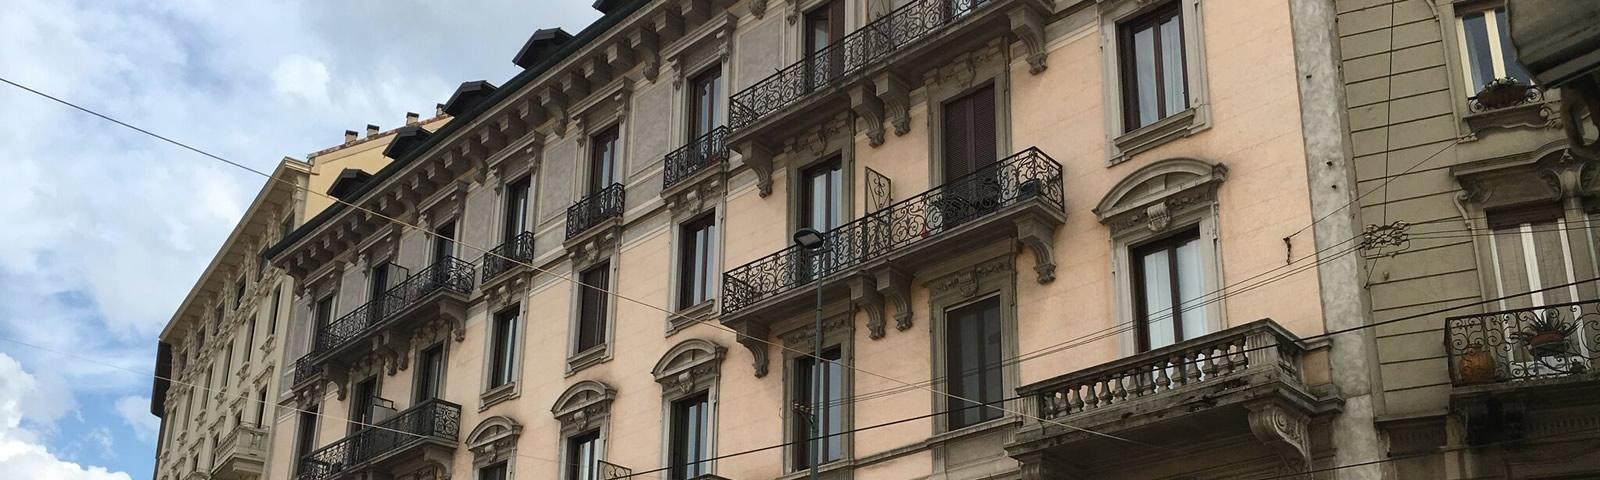 Slider Palazzo